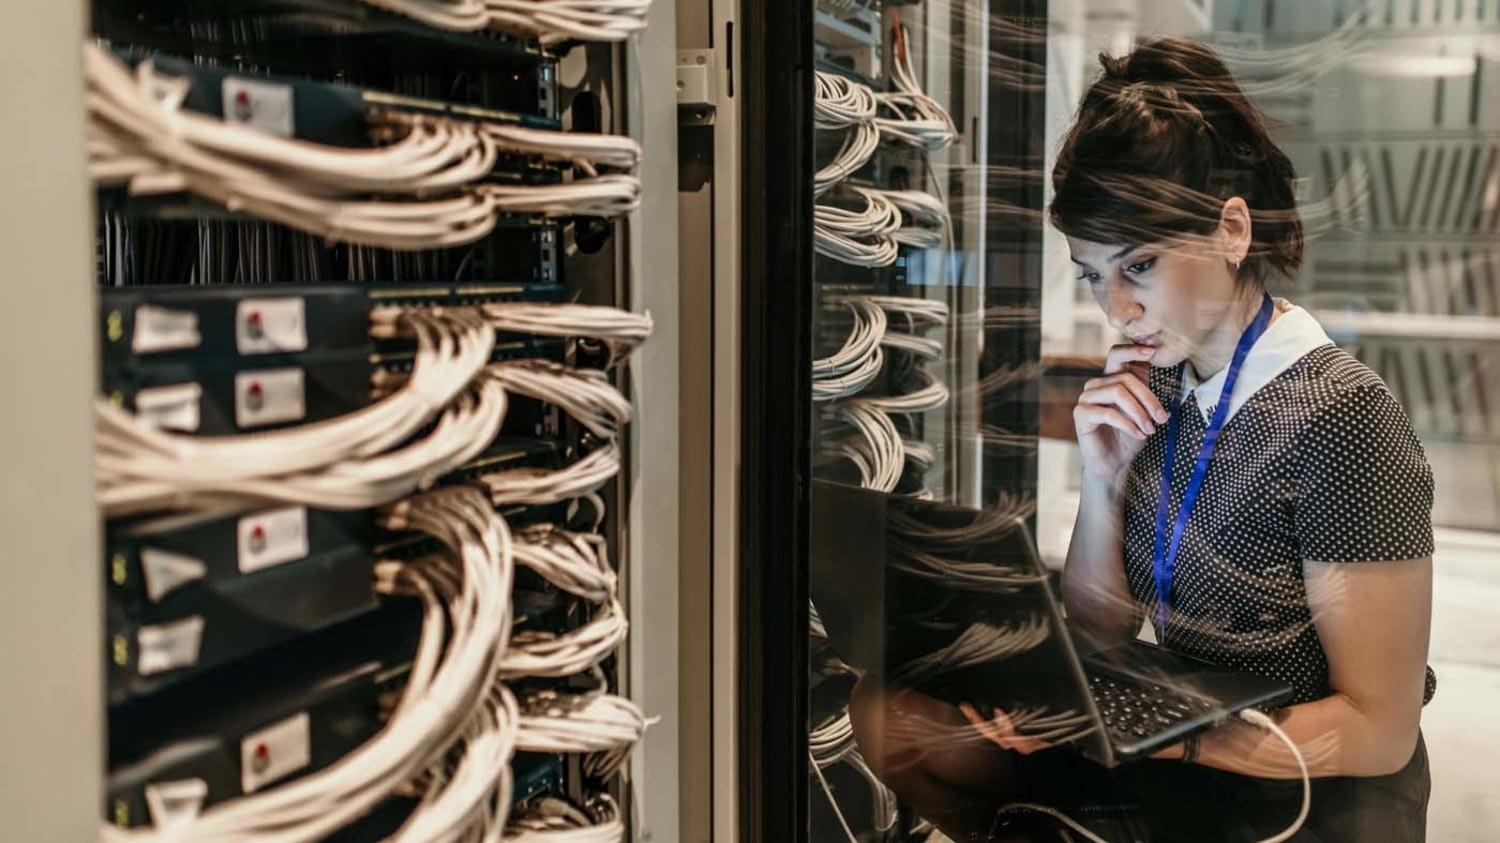 Vor Regalen mit Servern sitzt eine Frau und blickt nachdenklich auf den Bildschirm ihres Notebooks